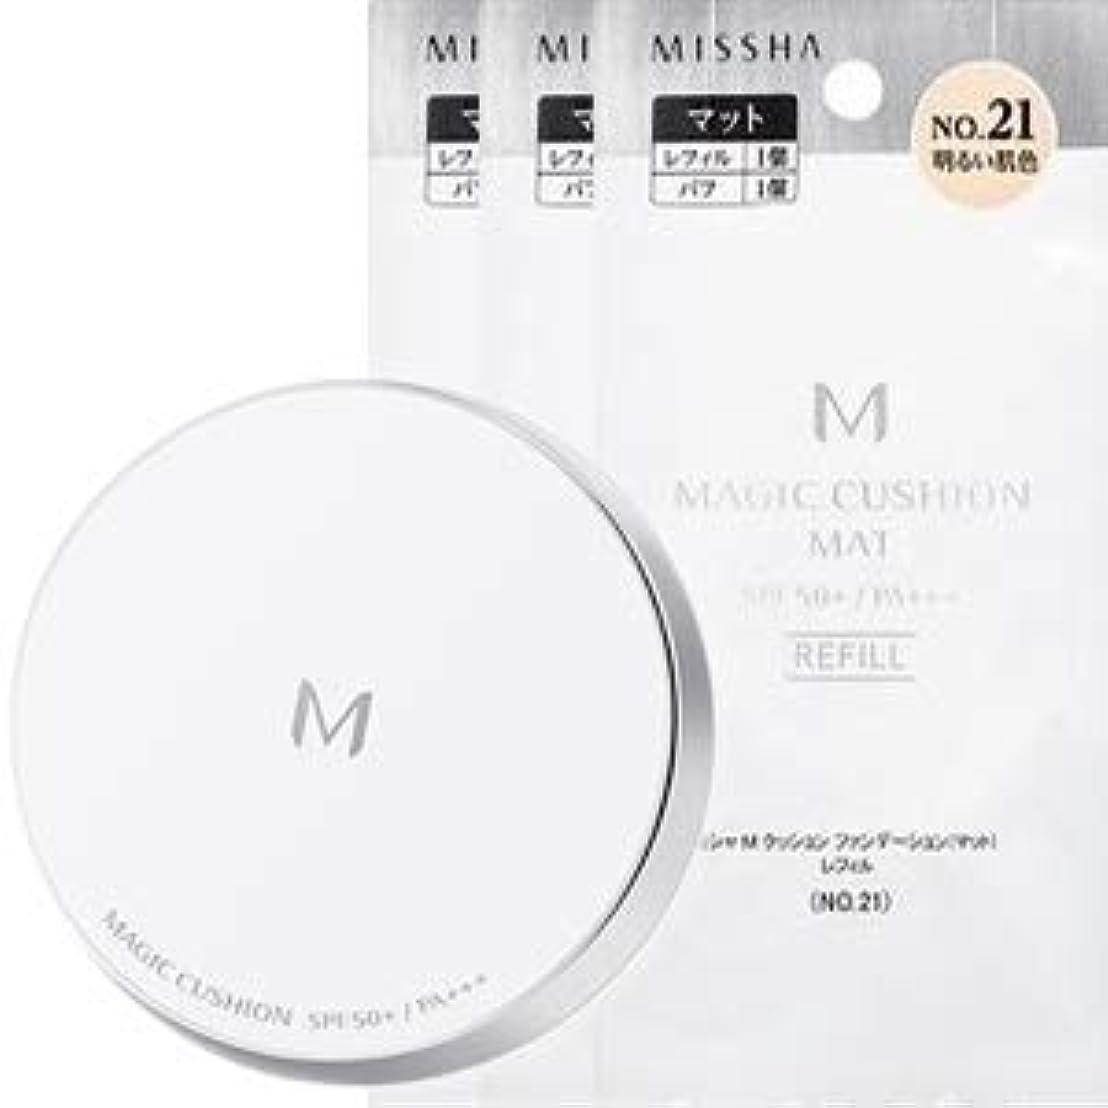 アマゾンジャングル軽く事実上ミシャ M クッション ファンデーション (マット) No.21 本体 + レフィル 3点セット